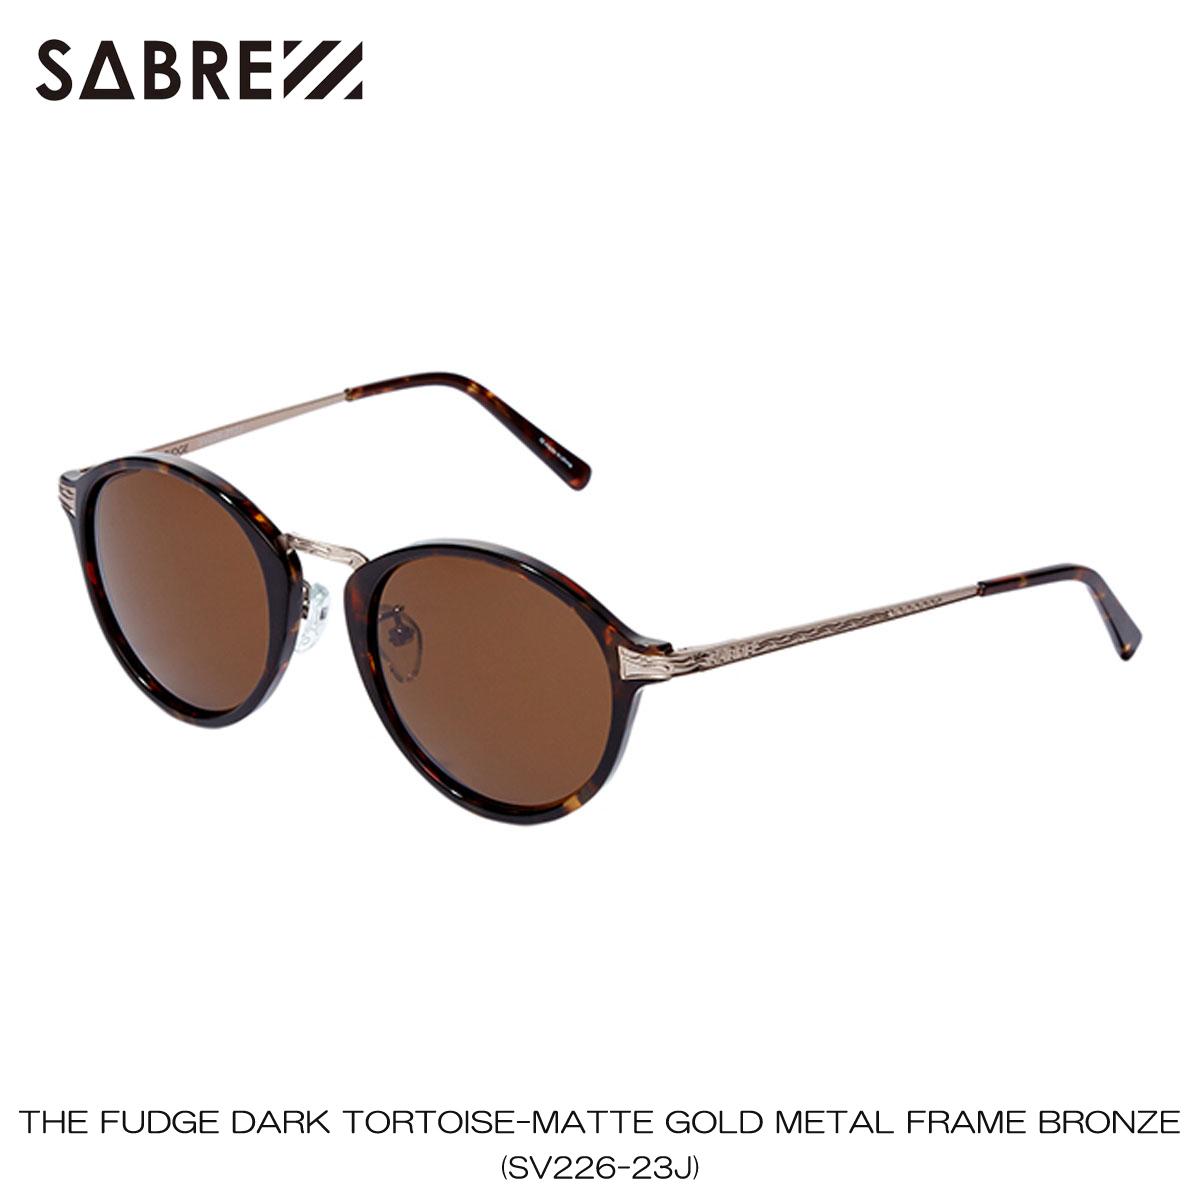 セイバー SABRE 正規販売店 サングラス めがね THE FUDGE DARK TORTOISE-MATTE GOLD METAL FRAME BRONZE LENS SUNGLASS SV226-23J A55B B3C C3D D1E E04F